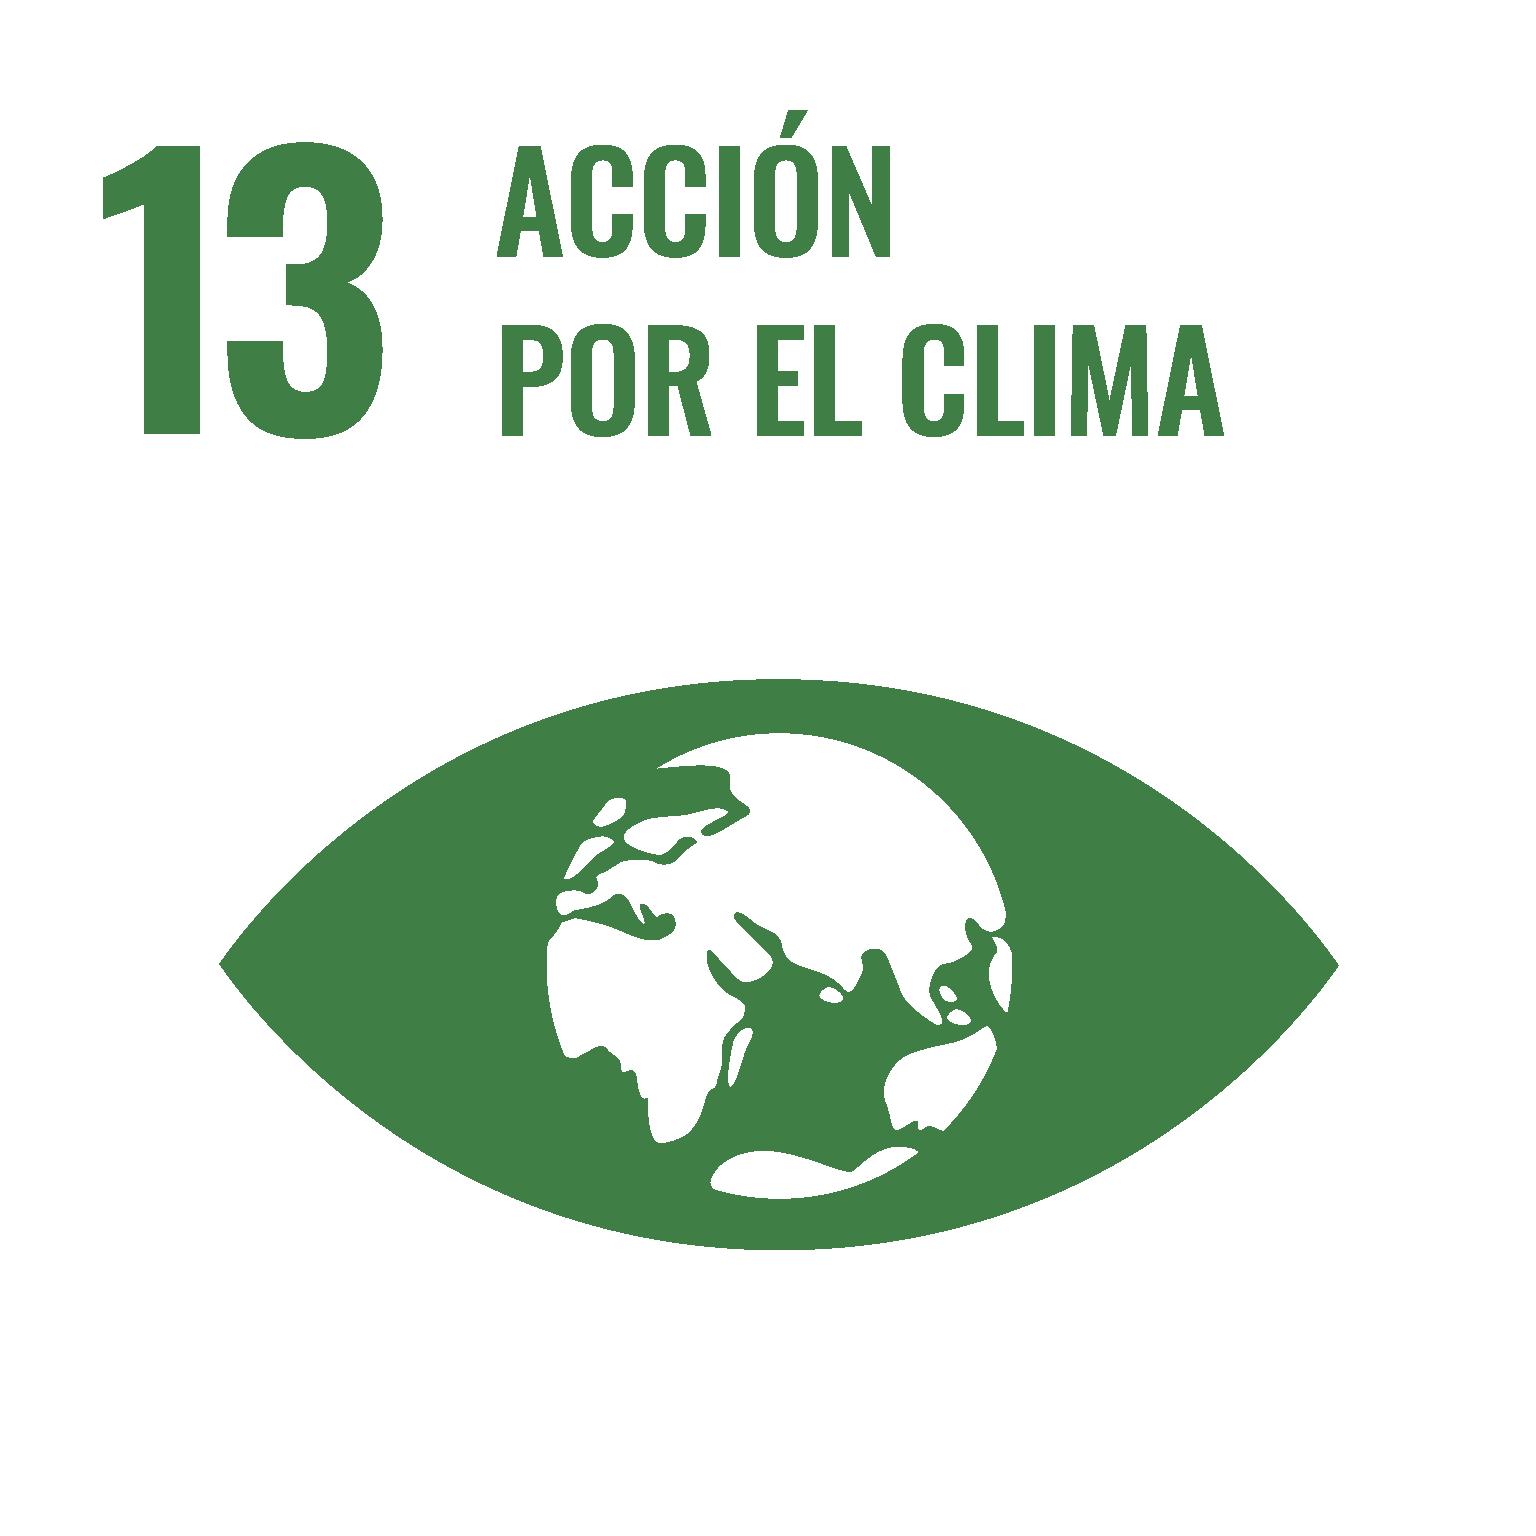 Objetivos ONU acción por el clima